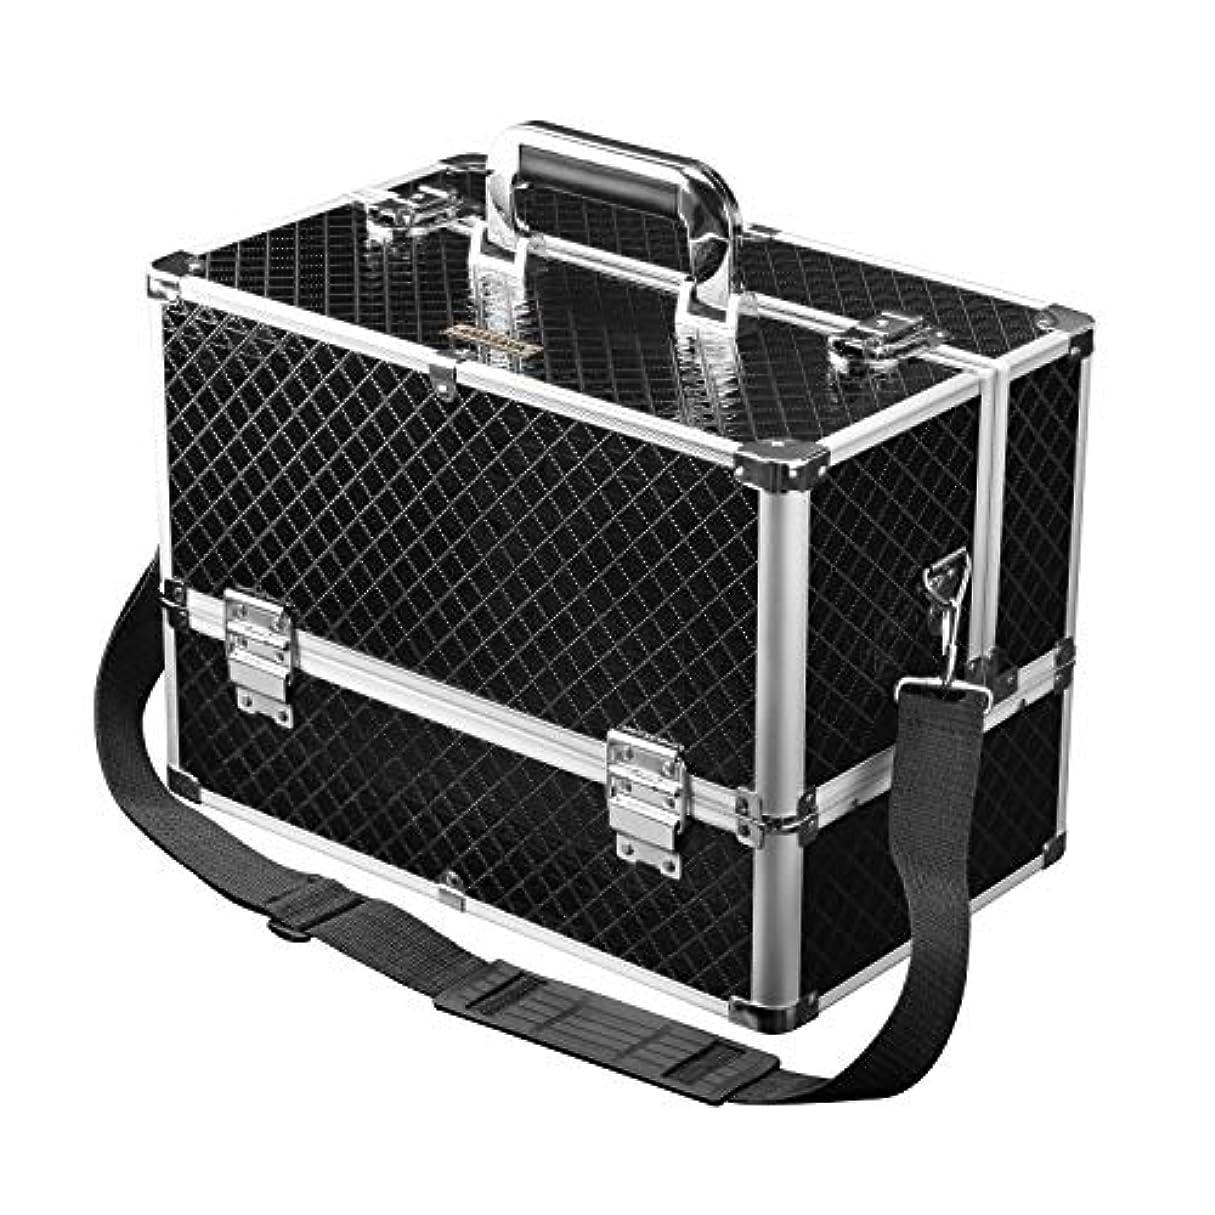 Amasava メイクボックス コスメボックス 大容量 プロ用 化粧箱 薬箱 鍵付き収納ケース ベルト付き ショルダーバッグ 自宅 出張サロン 舞台 ダンス コスプレ 黒